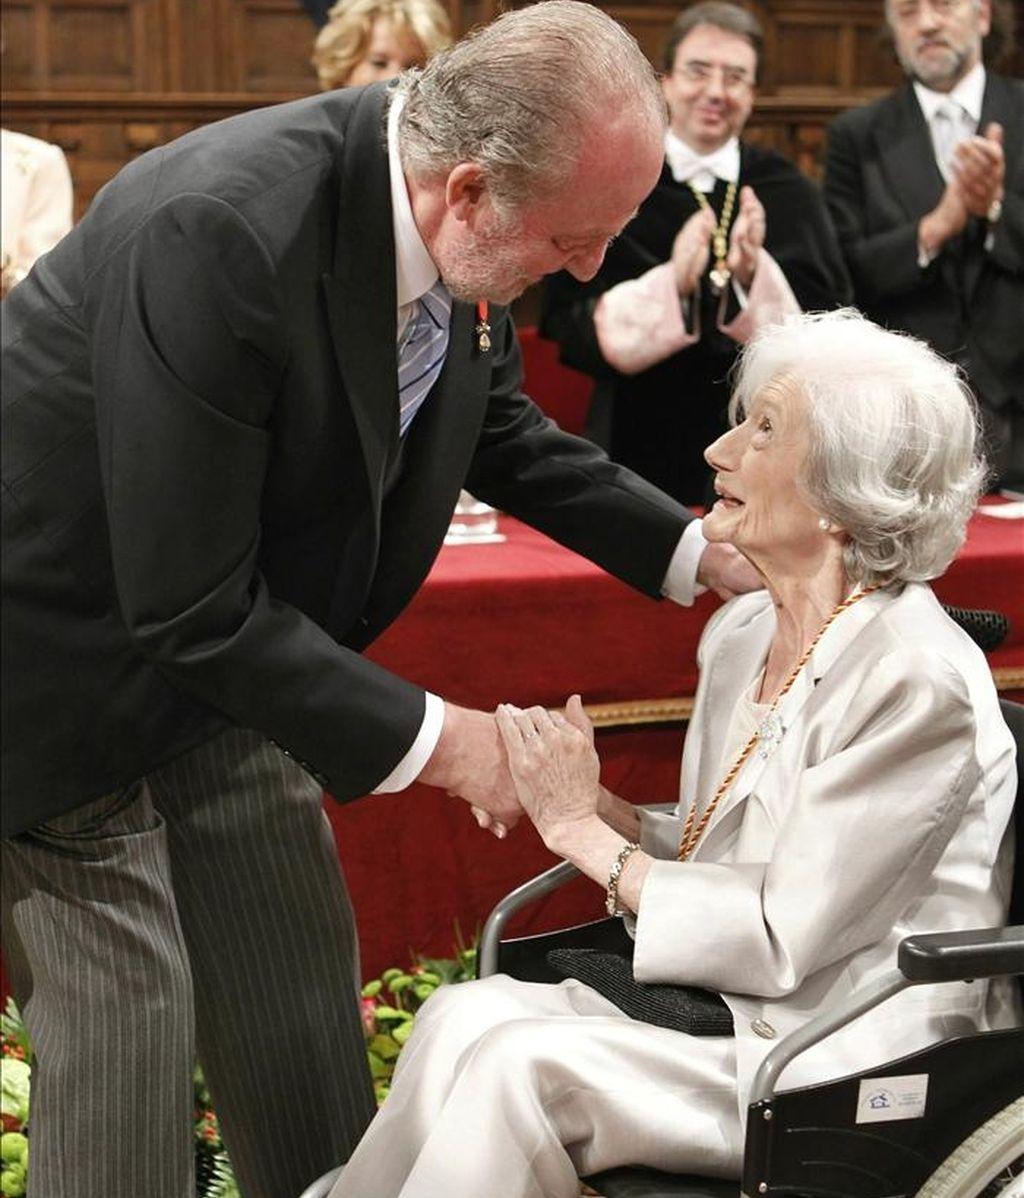 La escritora Ana María Matute recibió hoy de manos del rey Juan Carlos el Premio Cervantes, máximo galardón de las letras hispanas, en una solemne ceremonia que se celebró en el paraninfo de la universidad de Alcalá de Henares. EFE